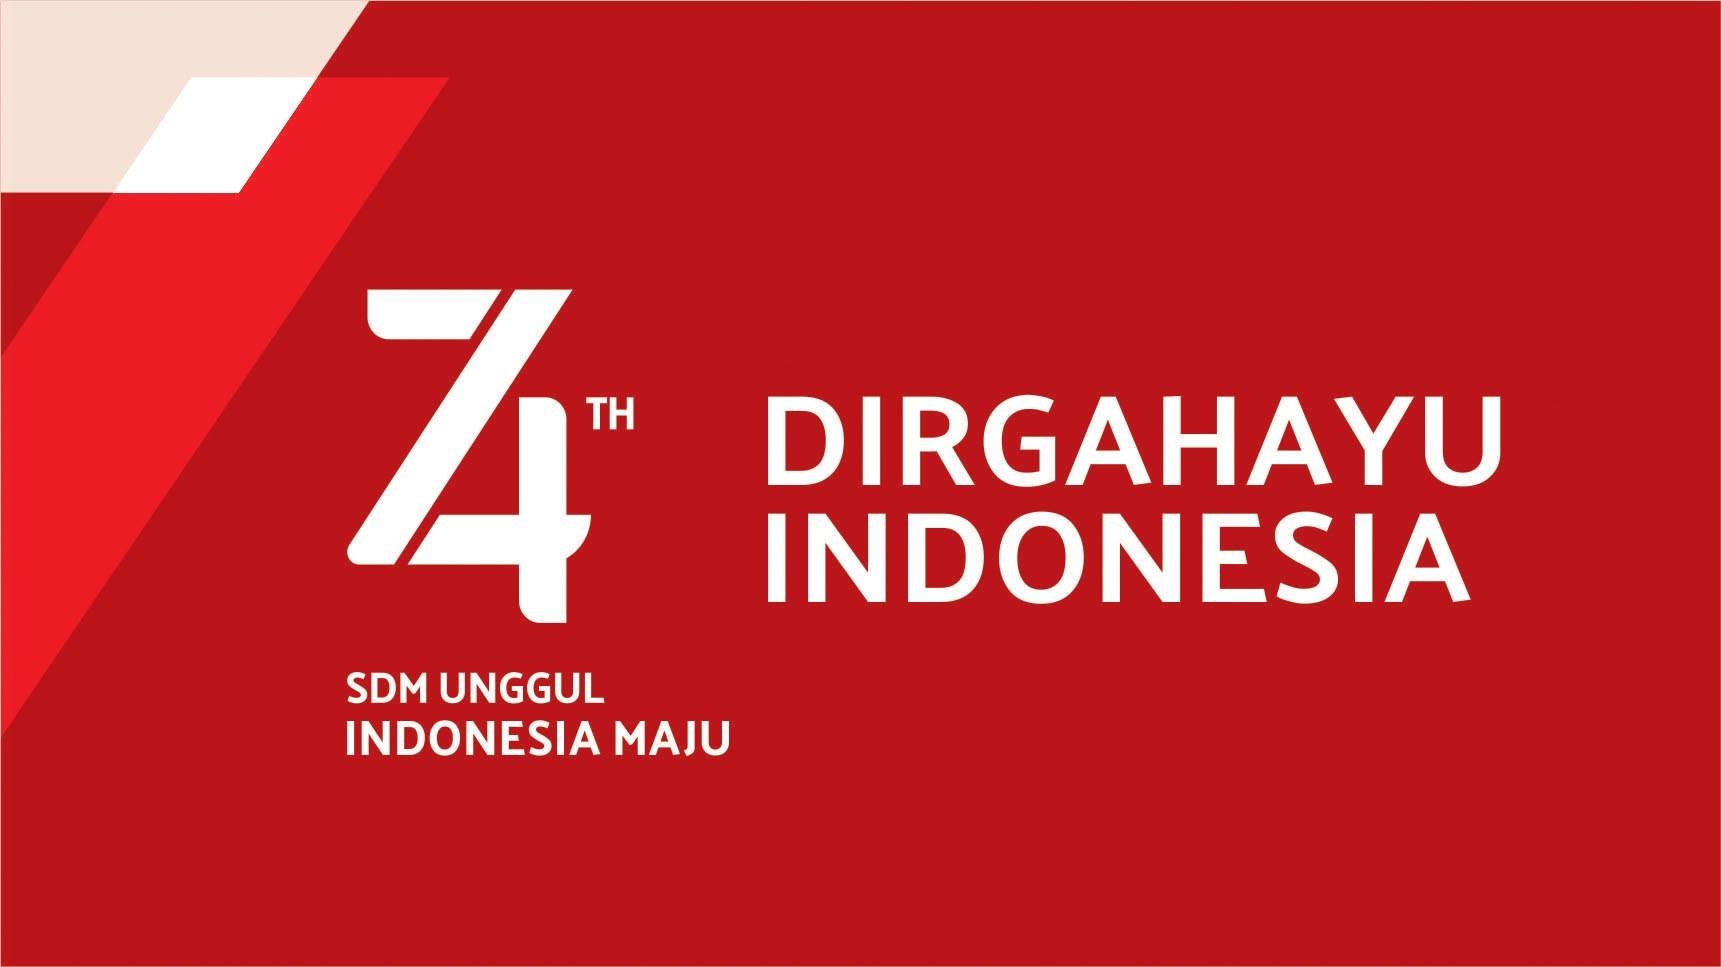 DIRGAHAYU INDONESIA KE-74